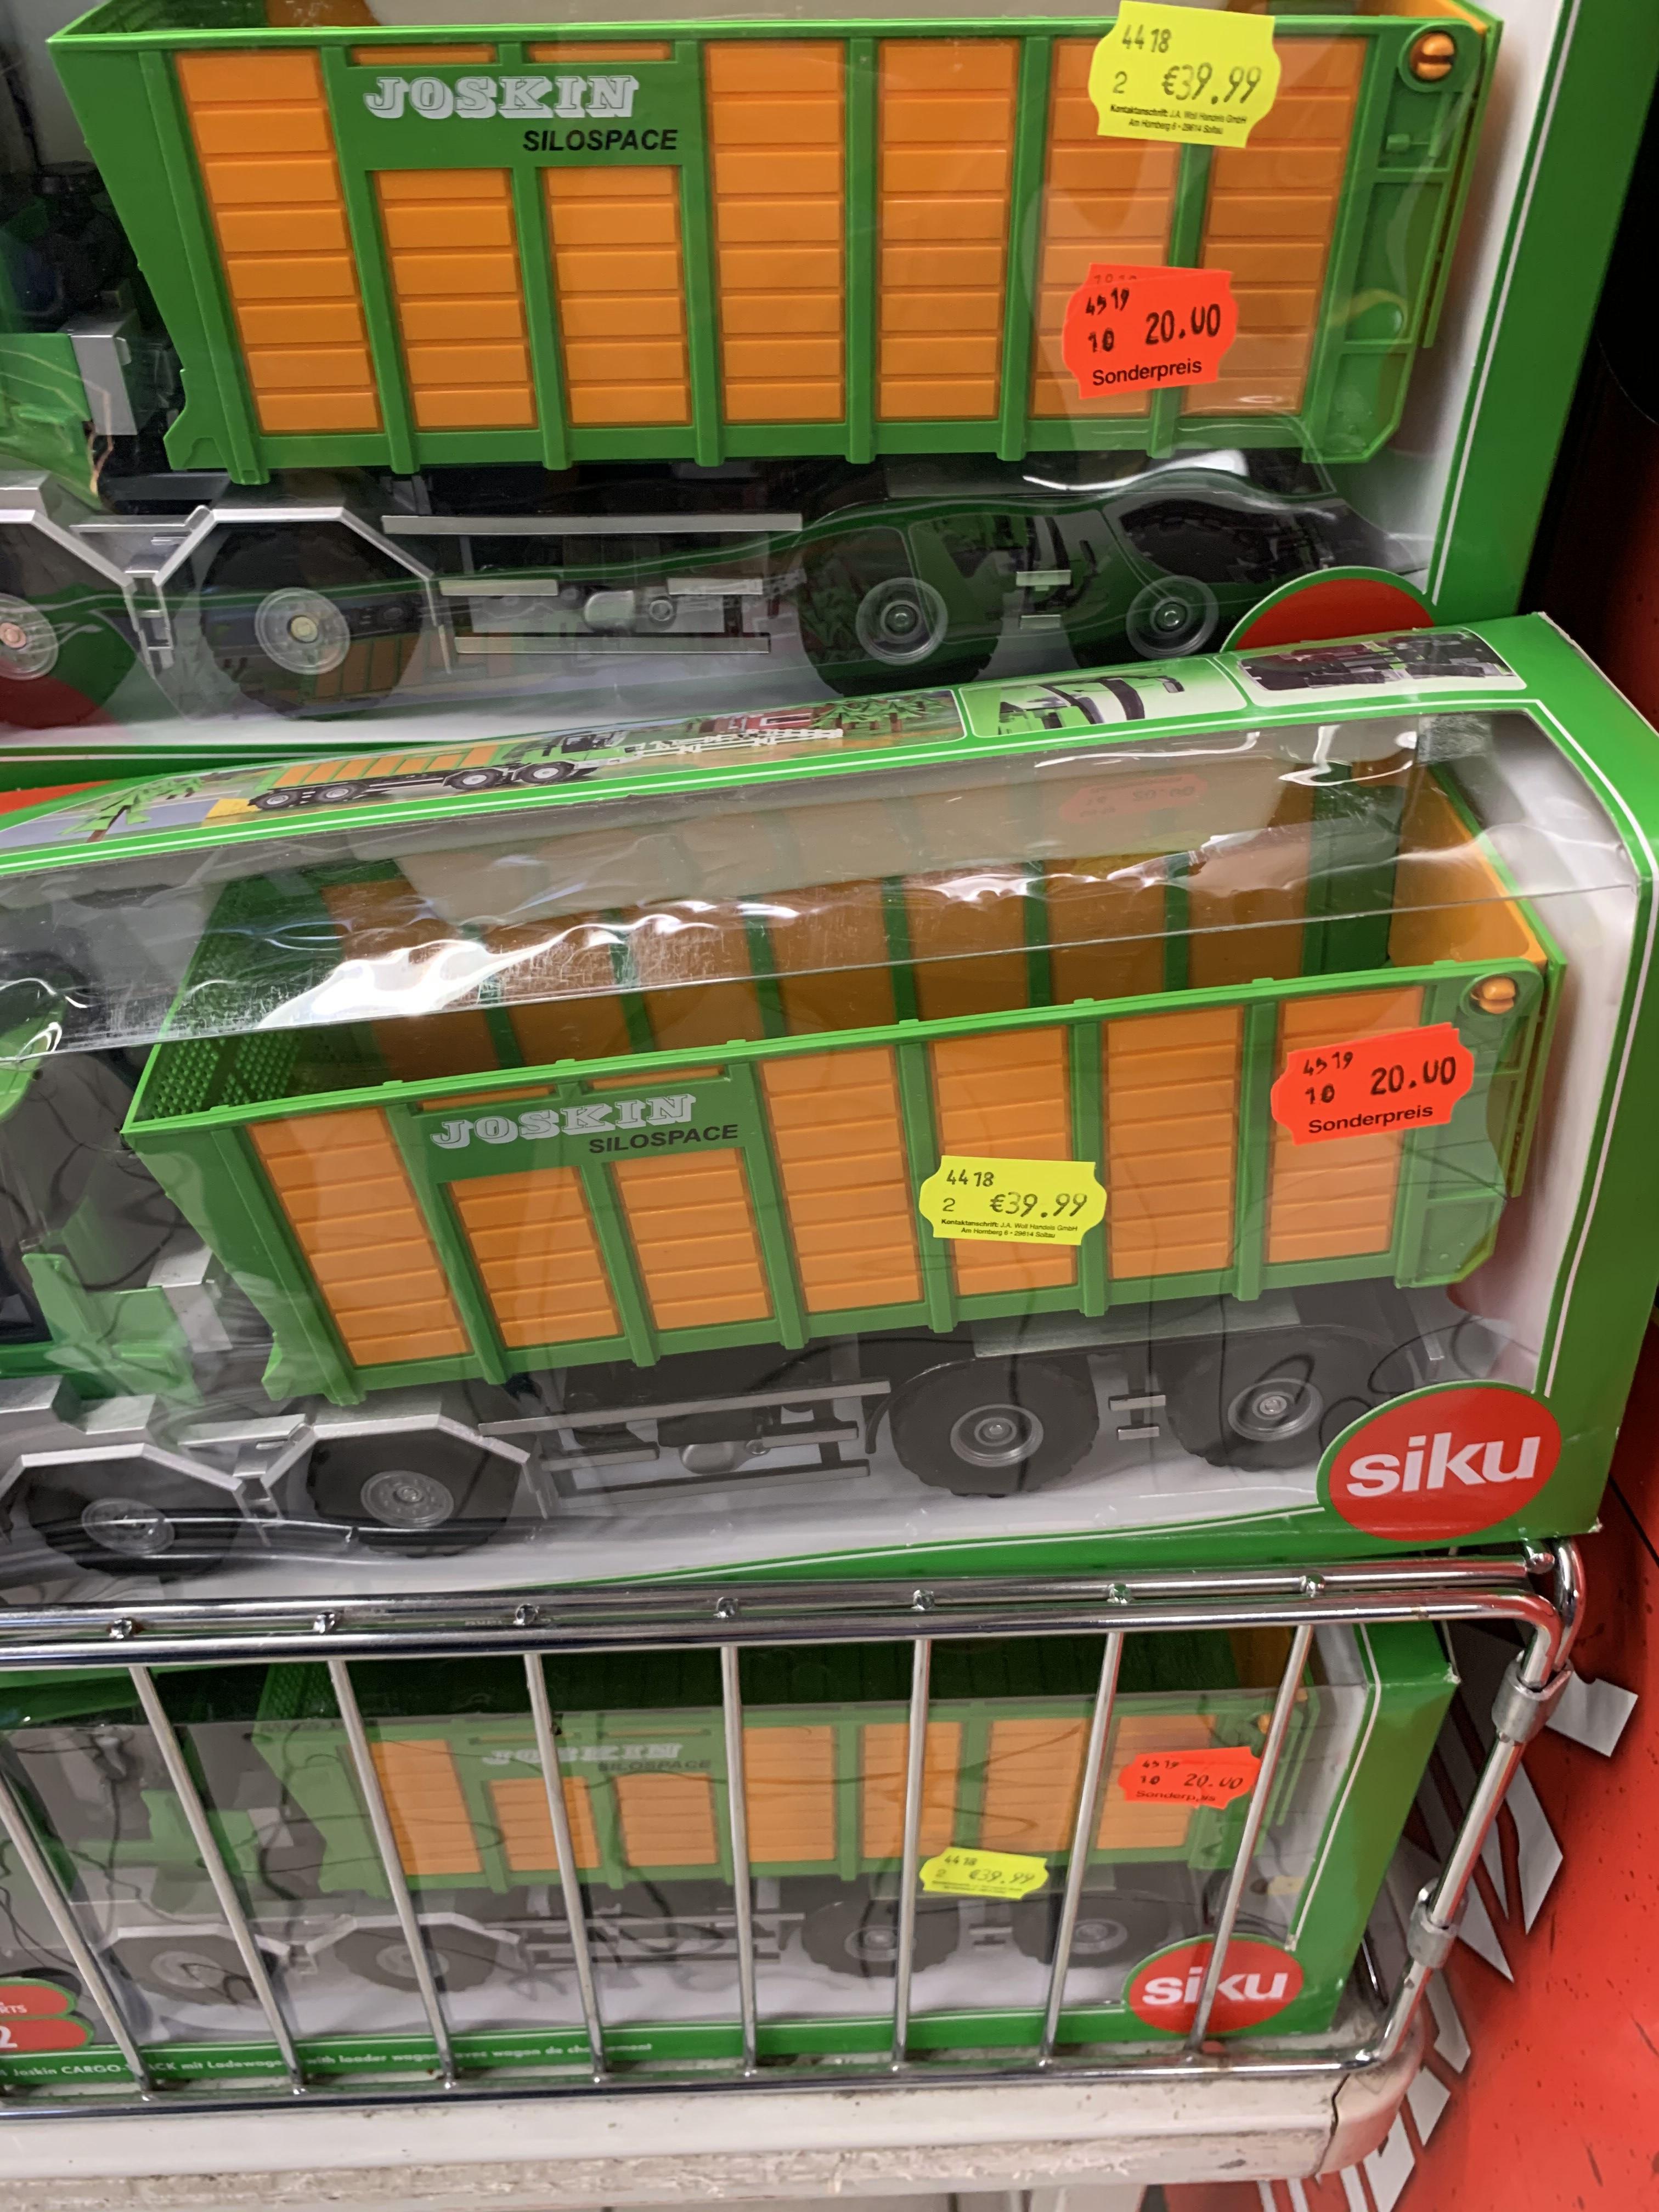 [Lokal?] Siku Joskin Cargo-Track mit Ladewagen für 20€ [Hildesheim]